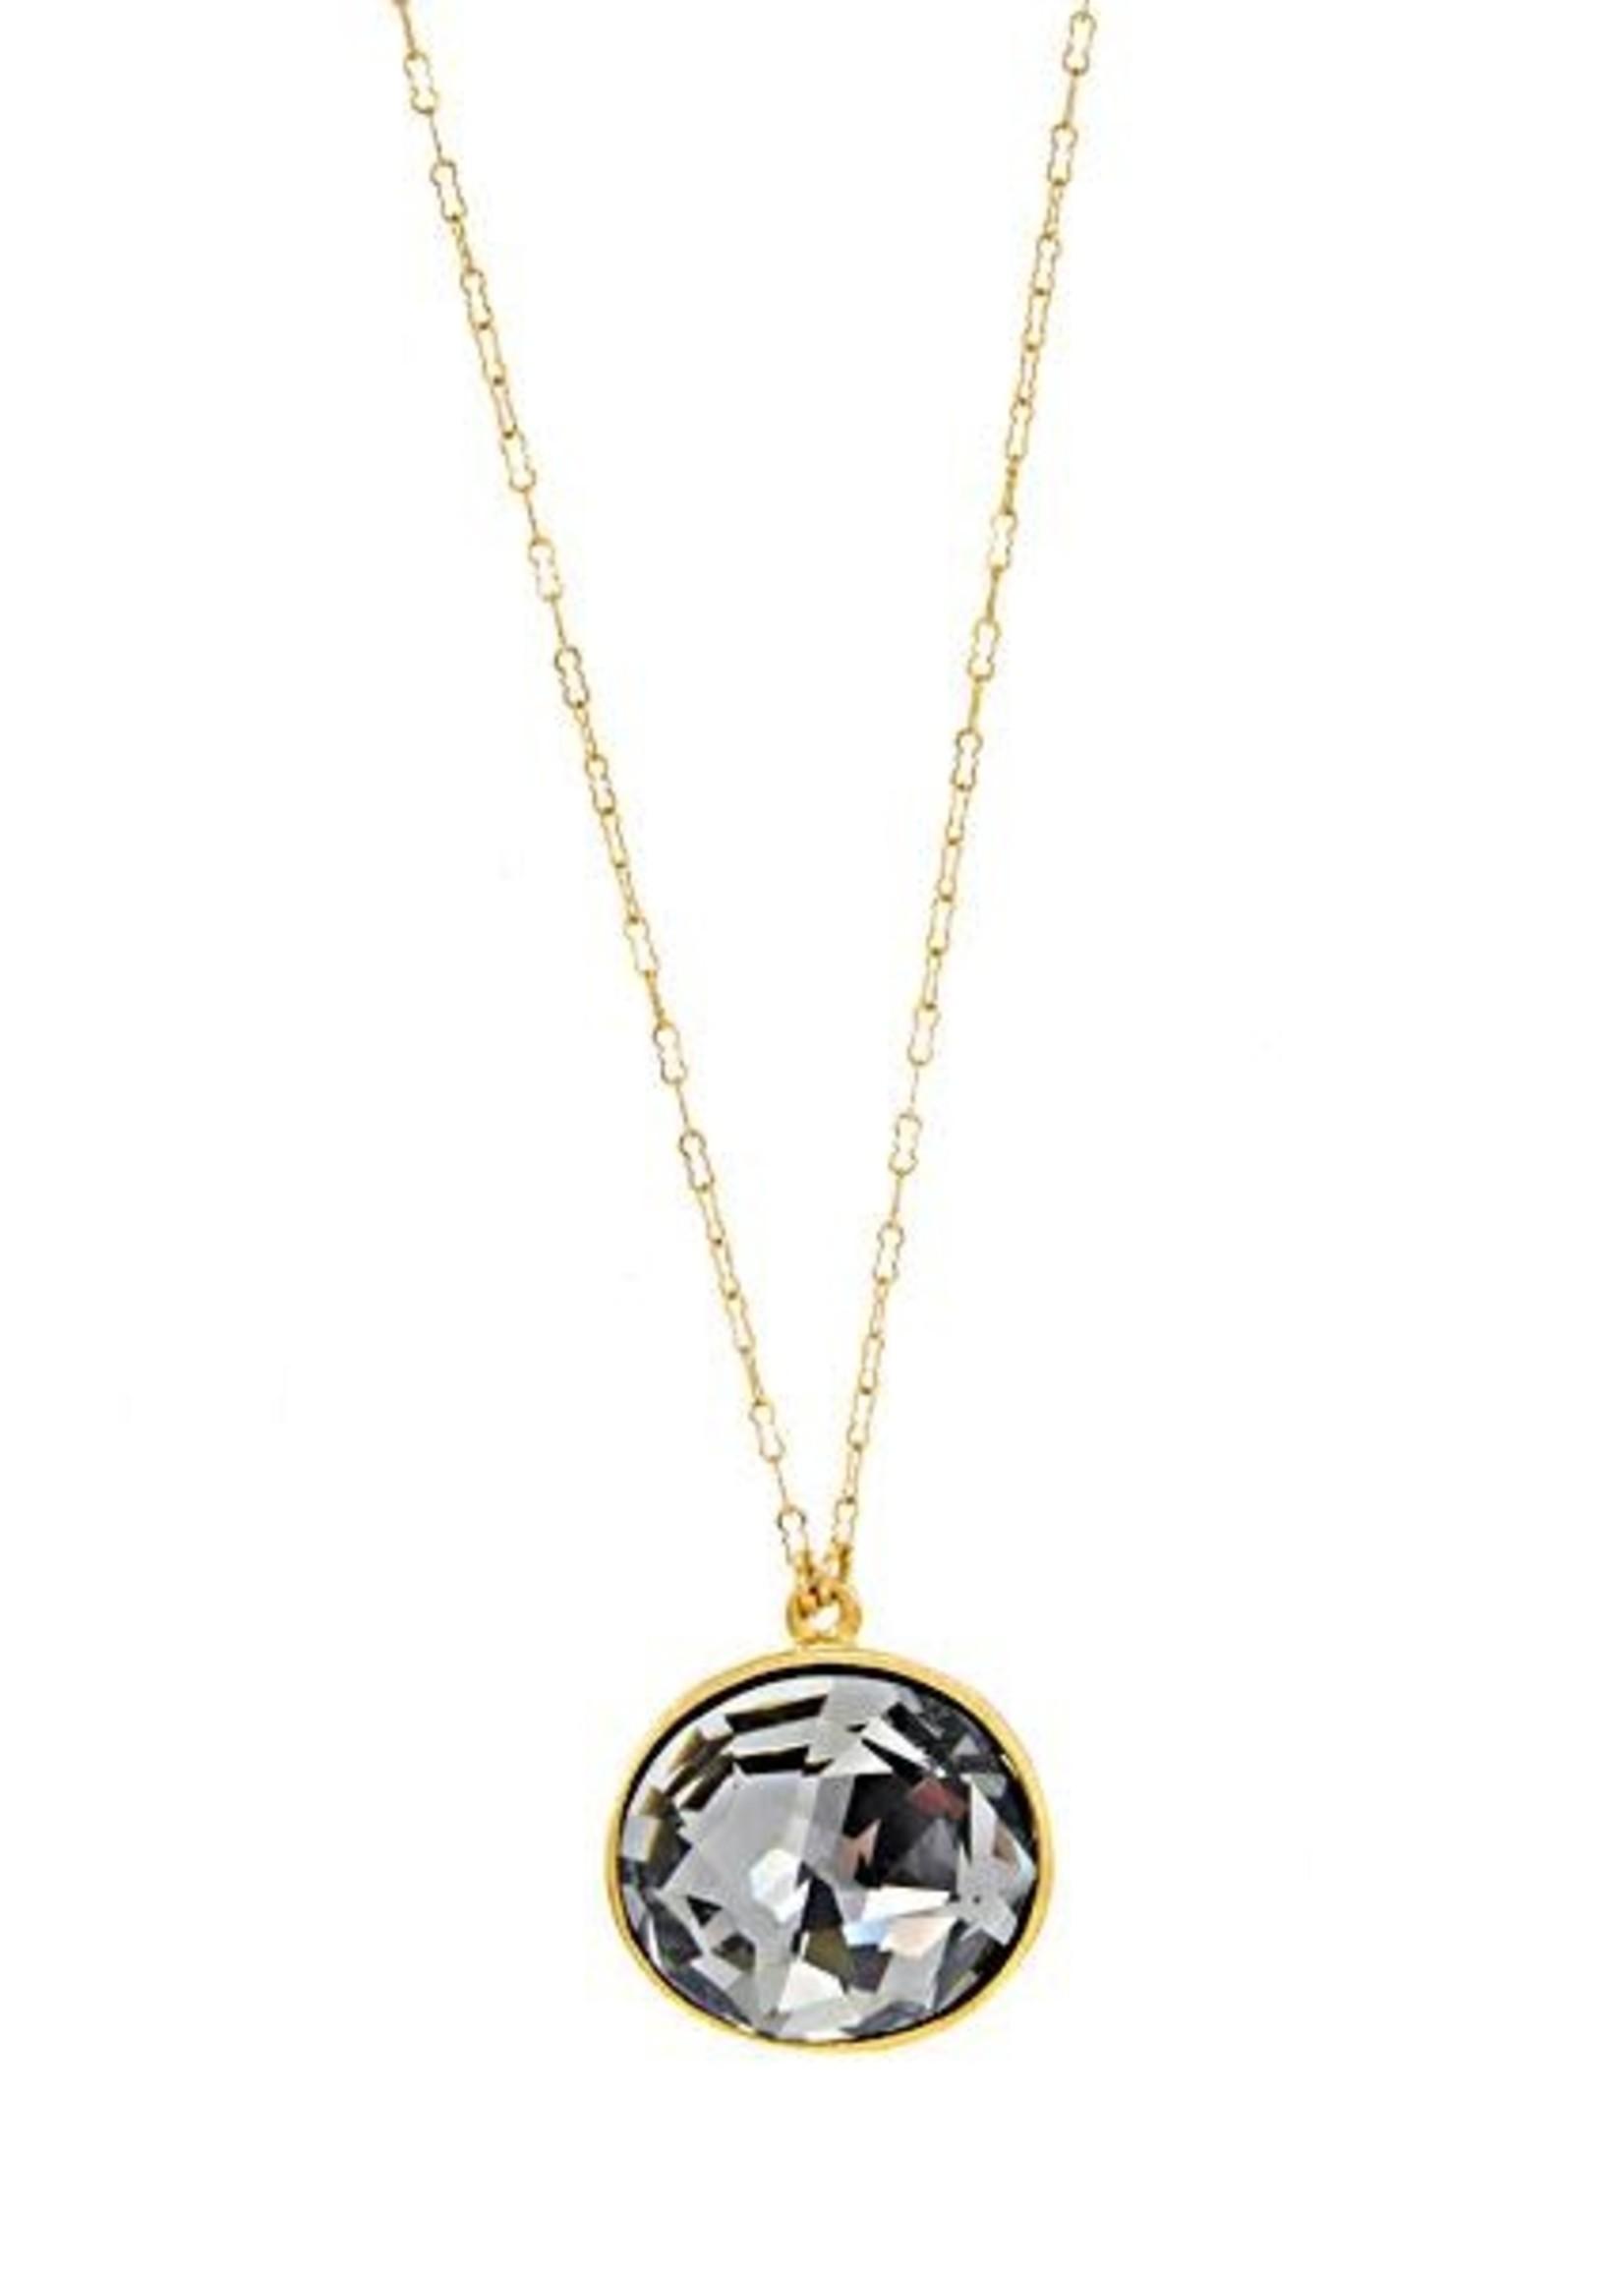 Rebel Designs Rebel - Gold Single Crystal Necklace (RR128)